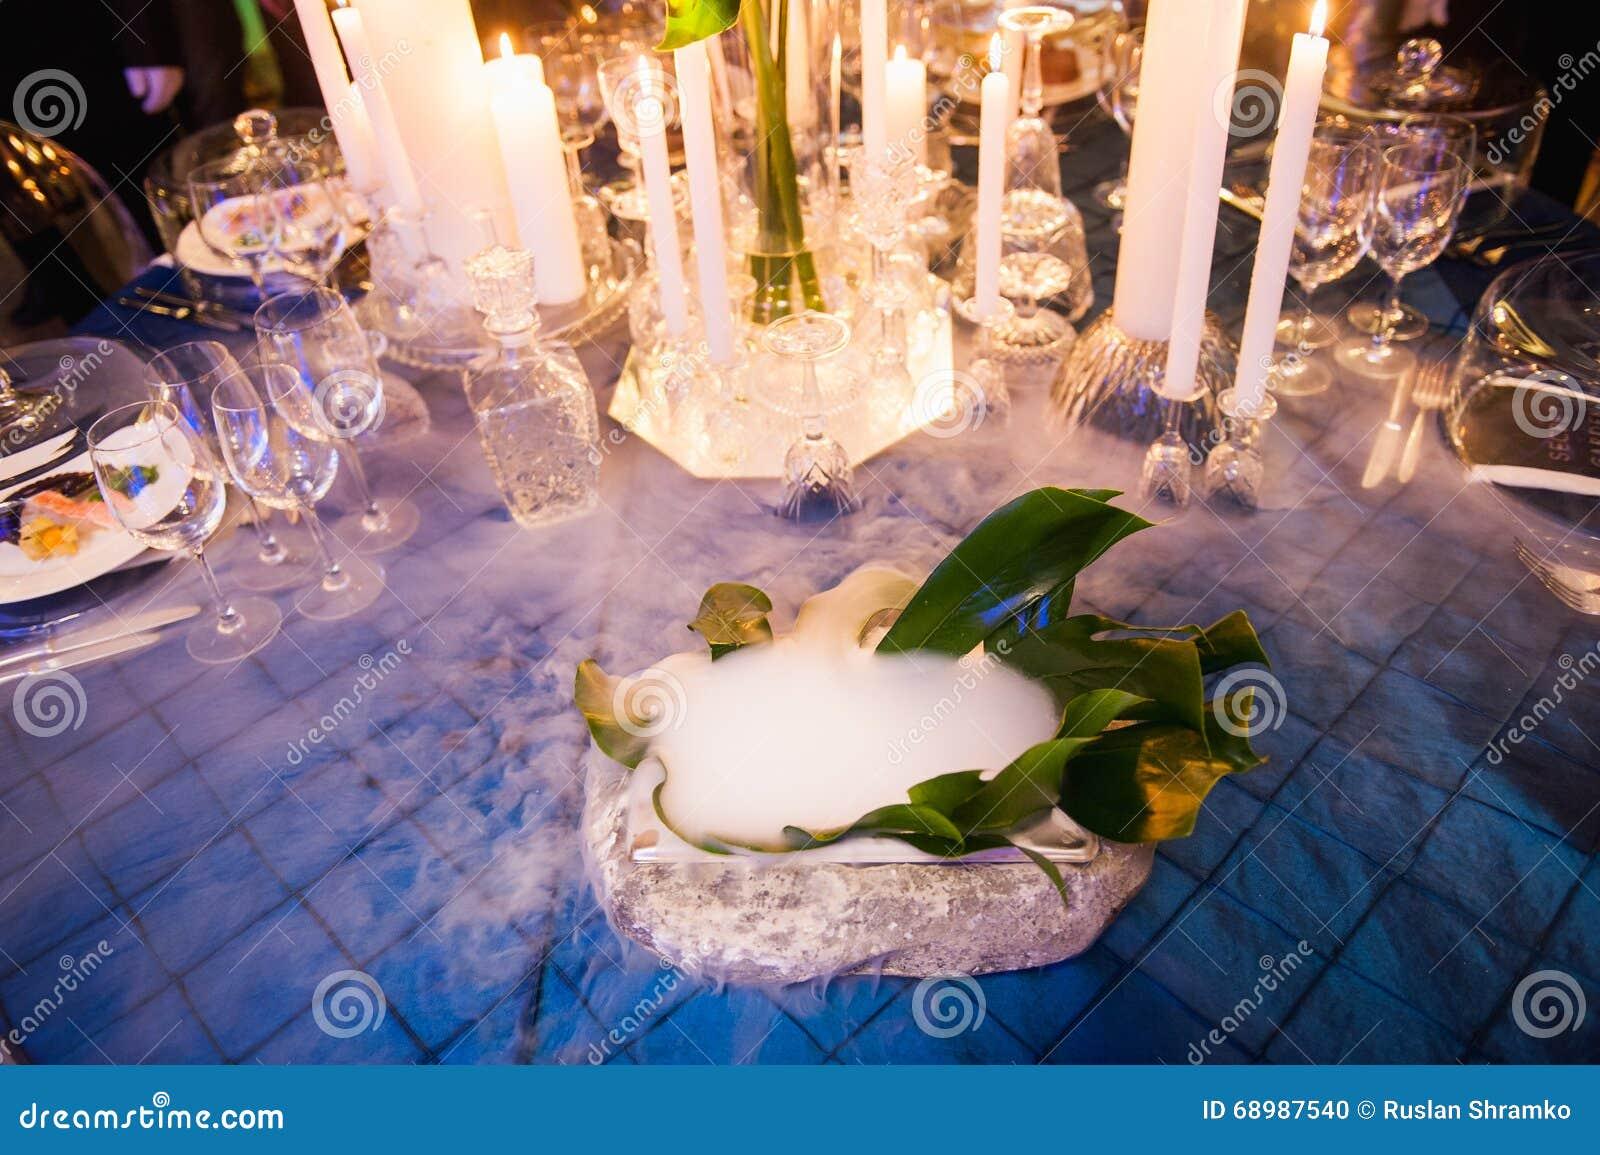 Presente el ajuste para casarse o el evento con hielo líquido